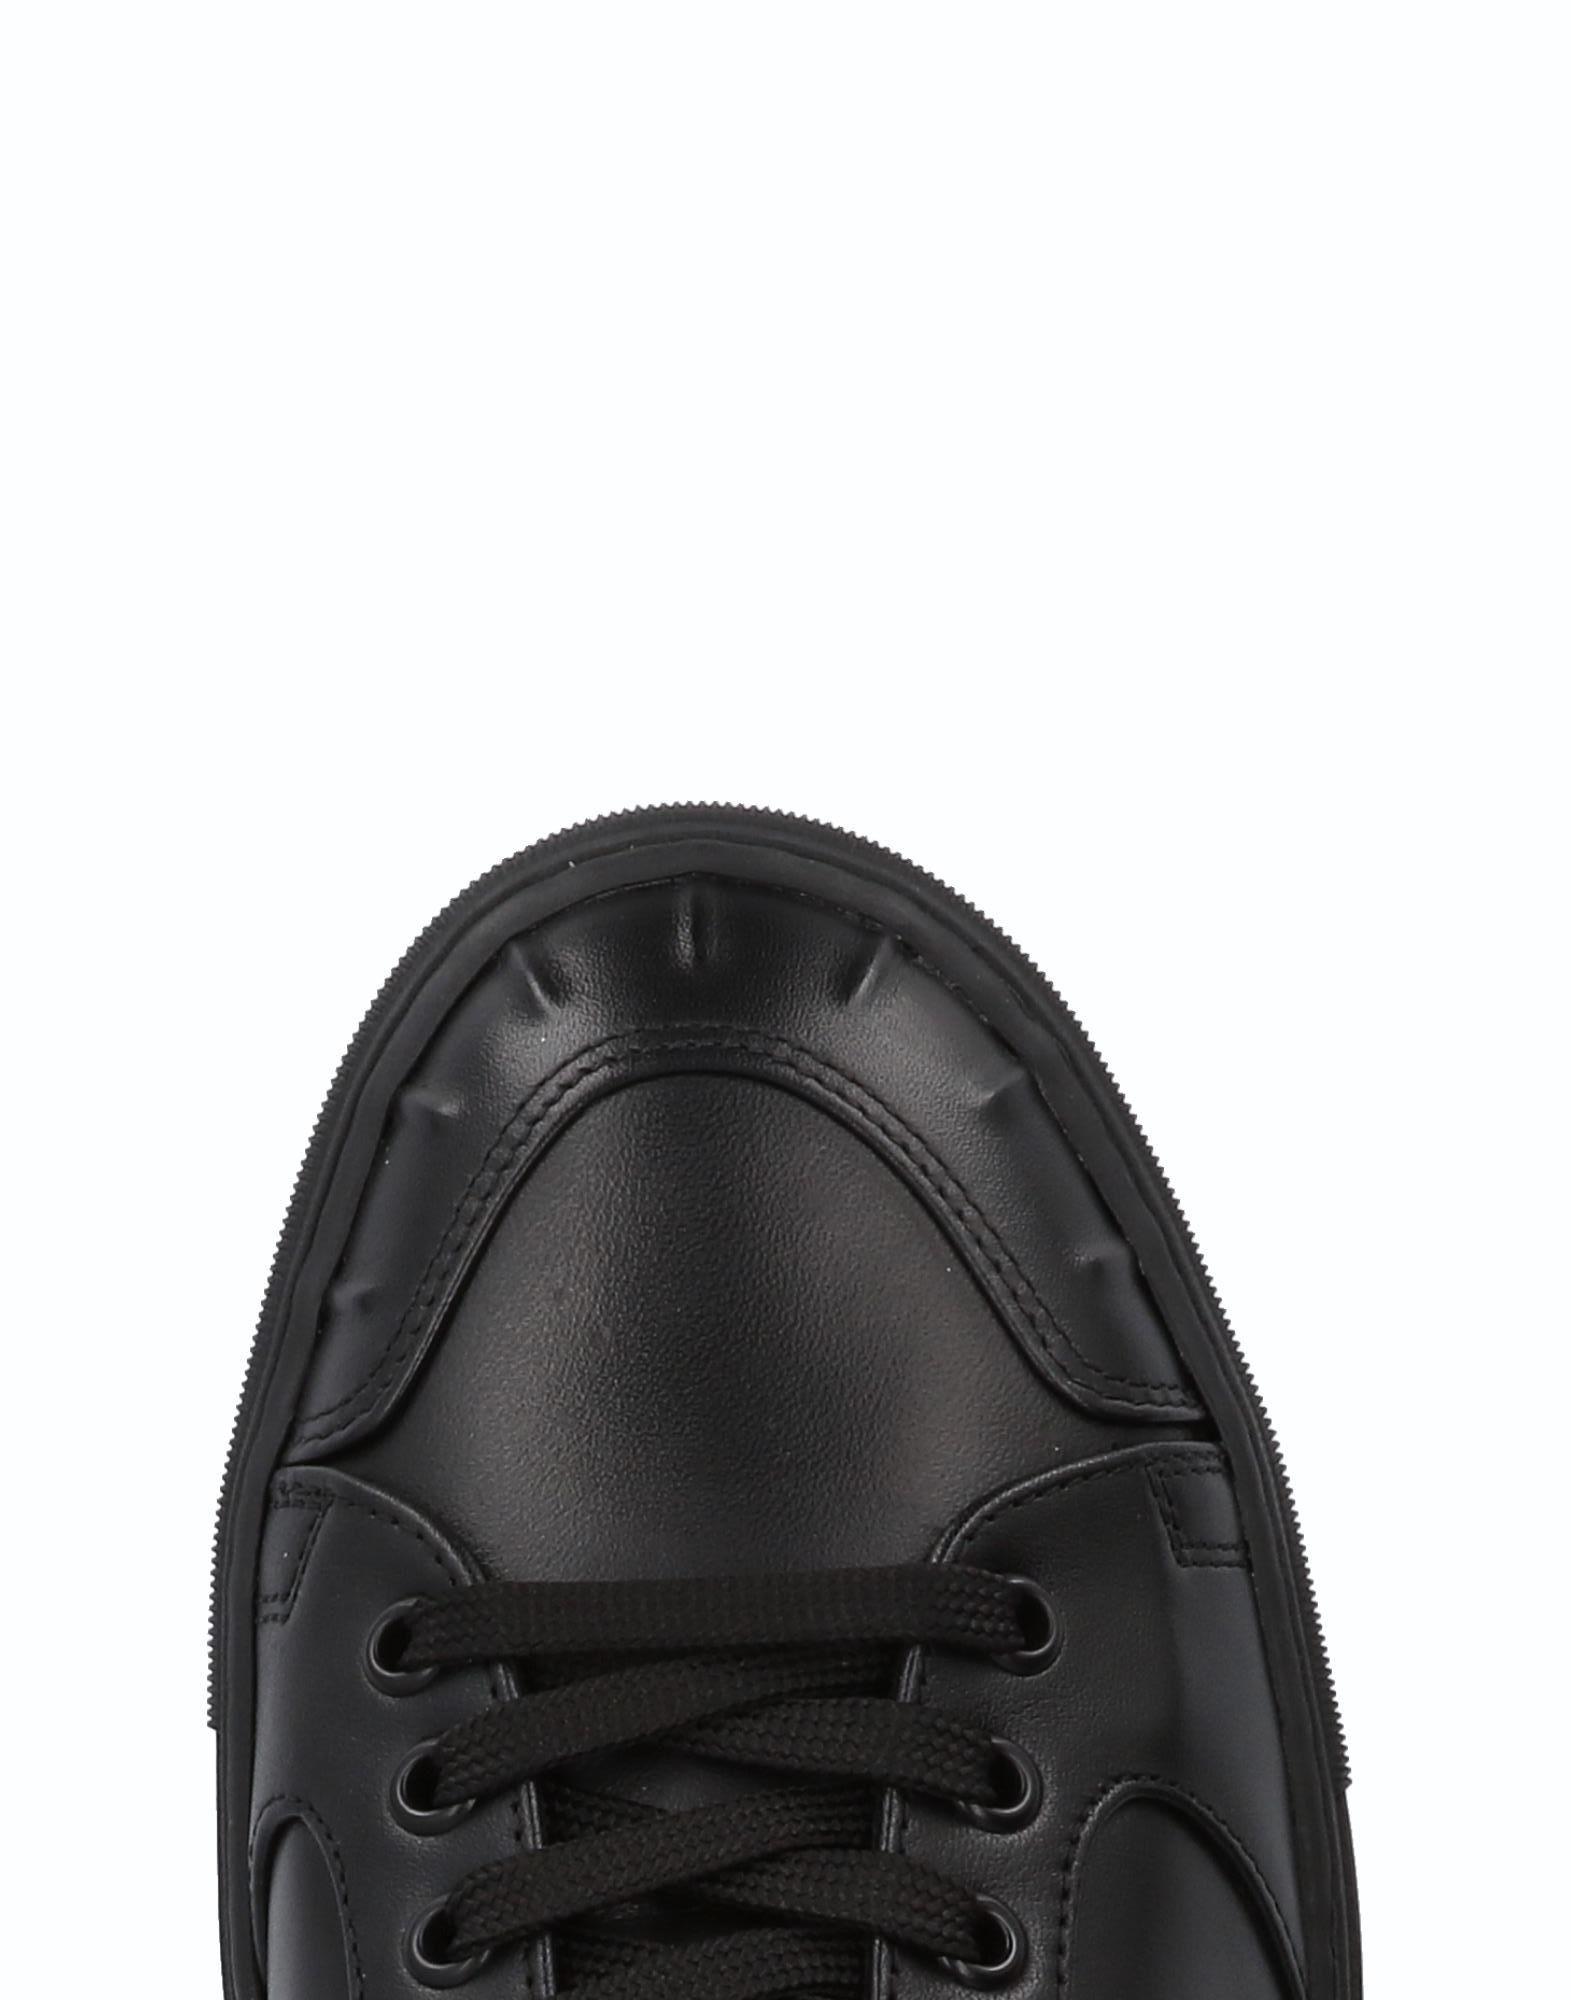 Versace Collection Sneakers Herren  11465279SP Gute Qualität beliebte Schuhe